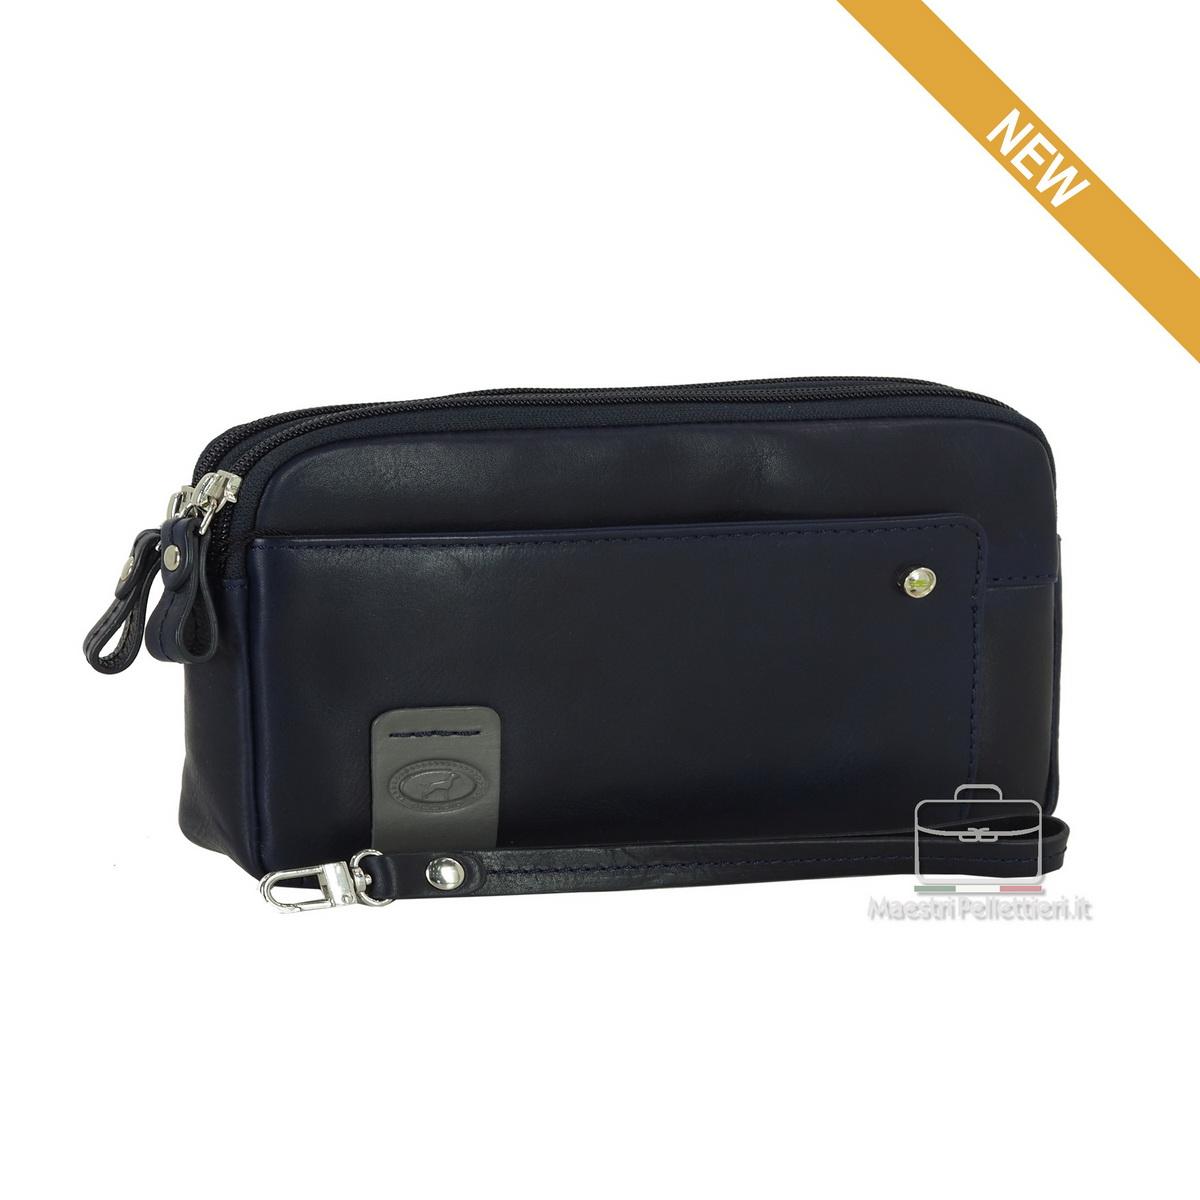 Wrist bag leather clutch